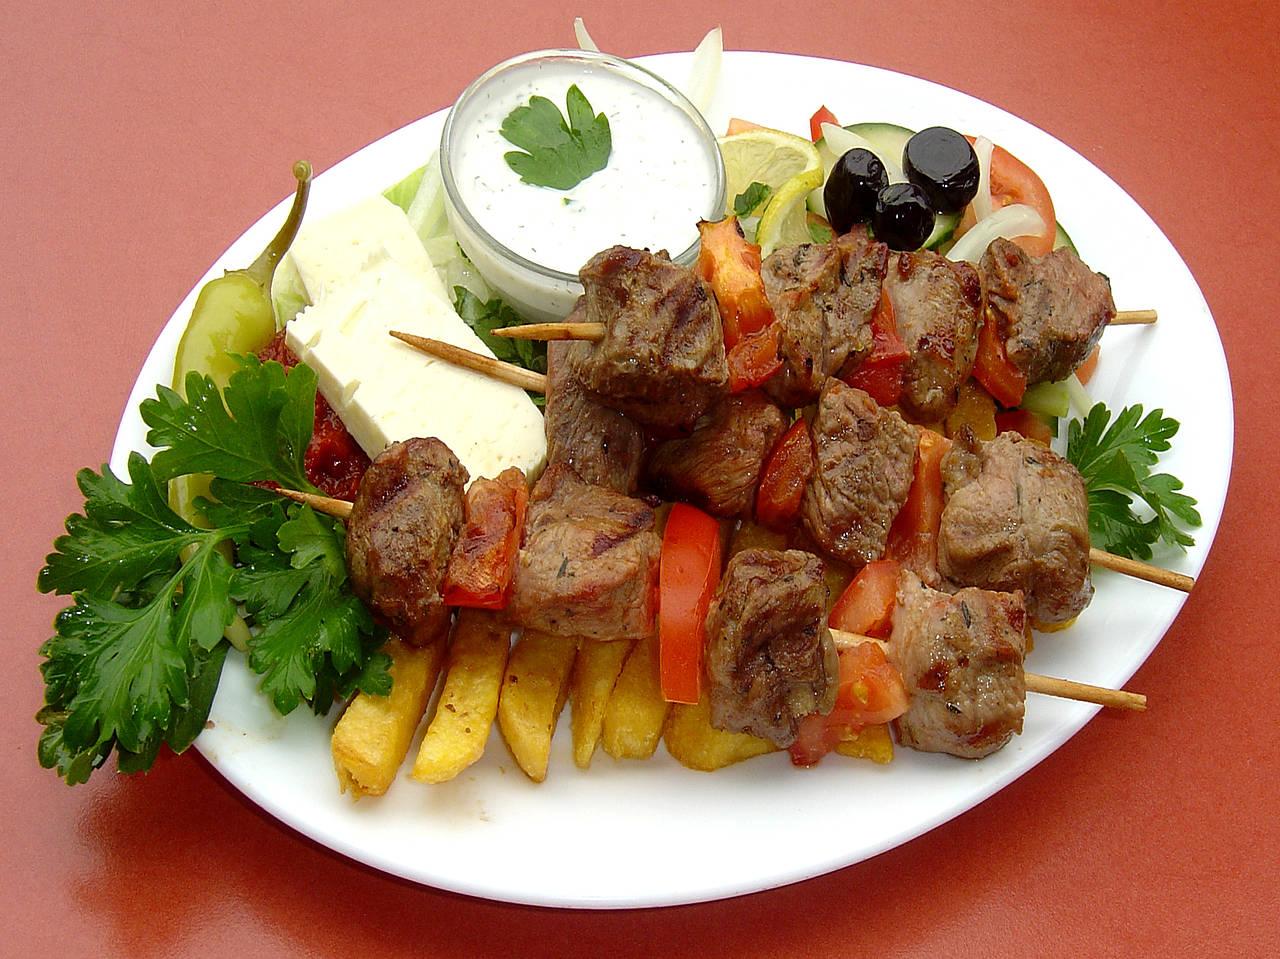 Türkische Küche Foto - Übersicht der Fotos